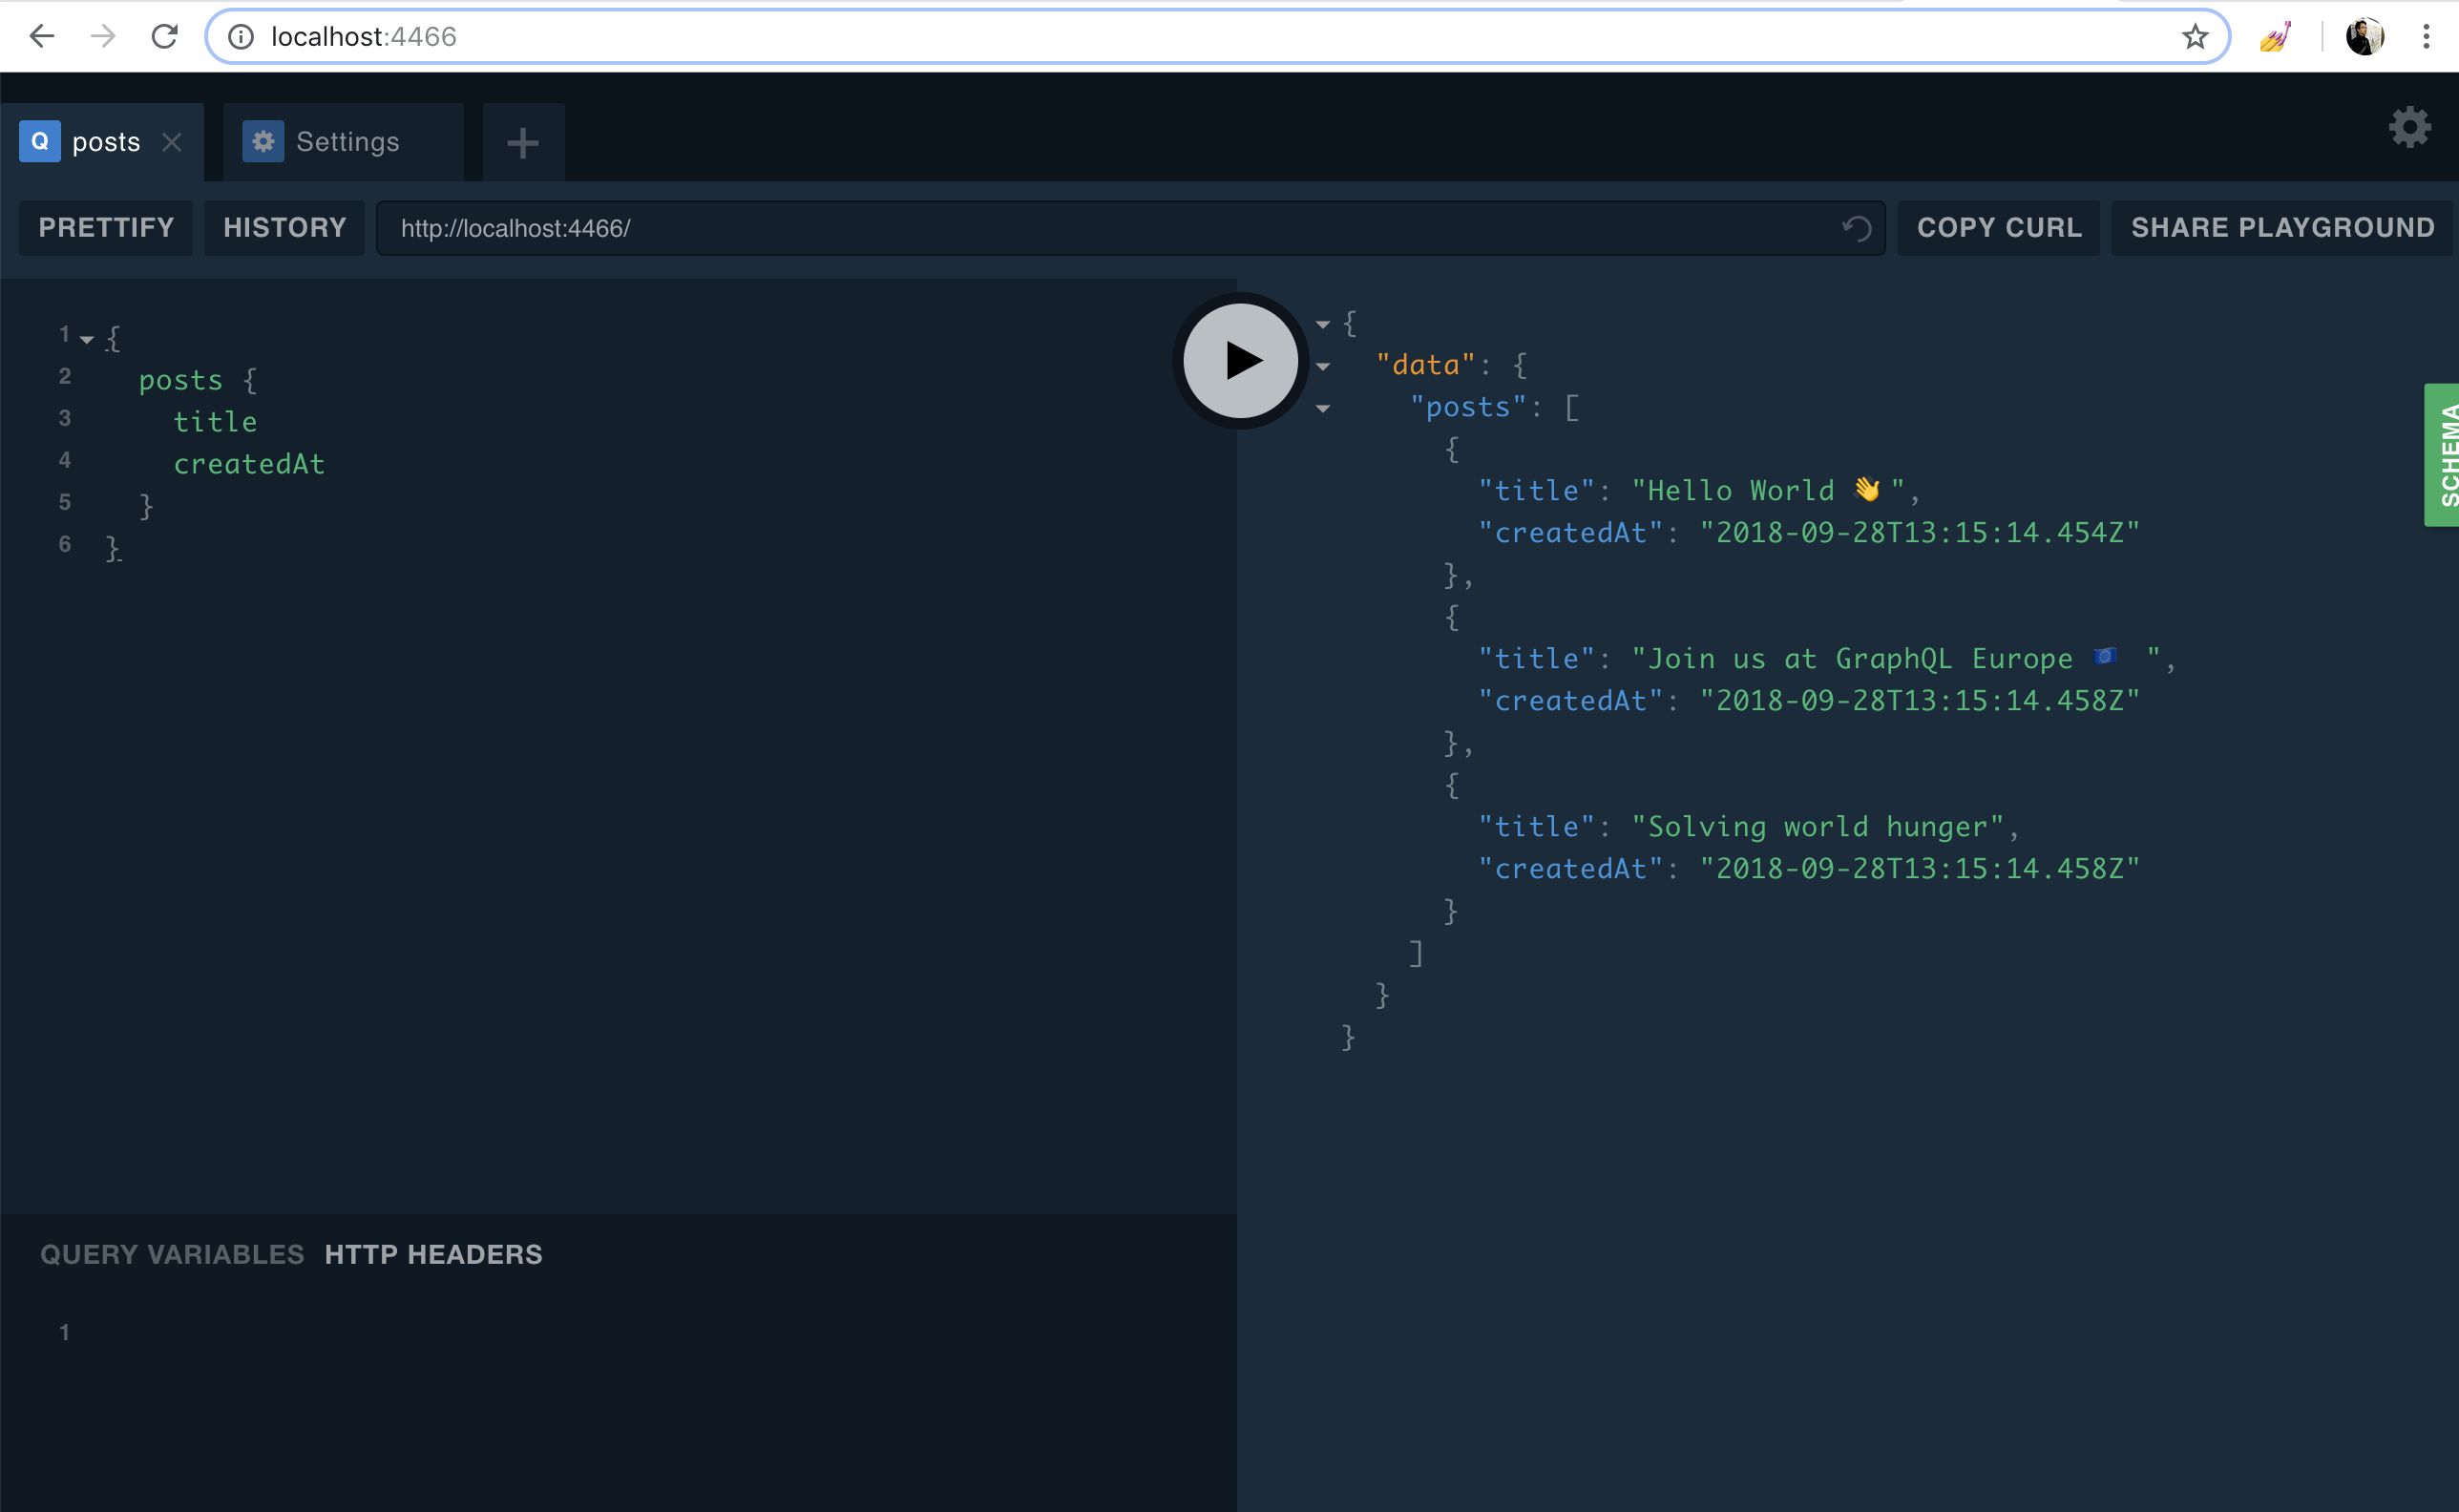 GitHub - katopz/prisma-postgresql-pgadmin-example: Prisma